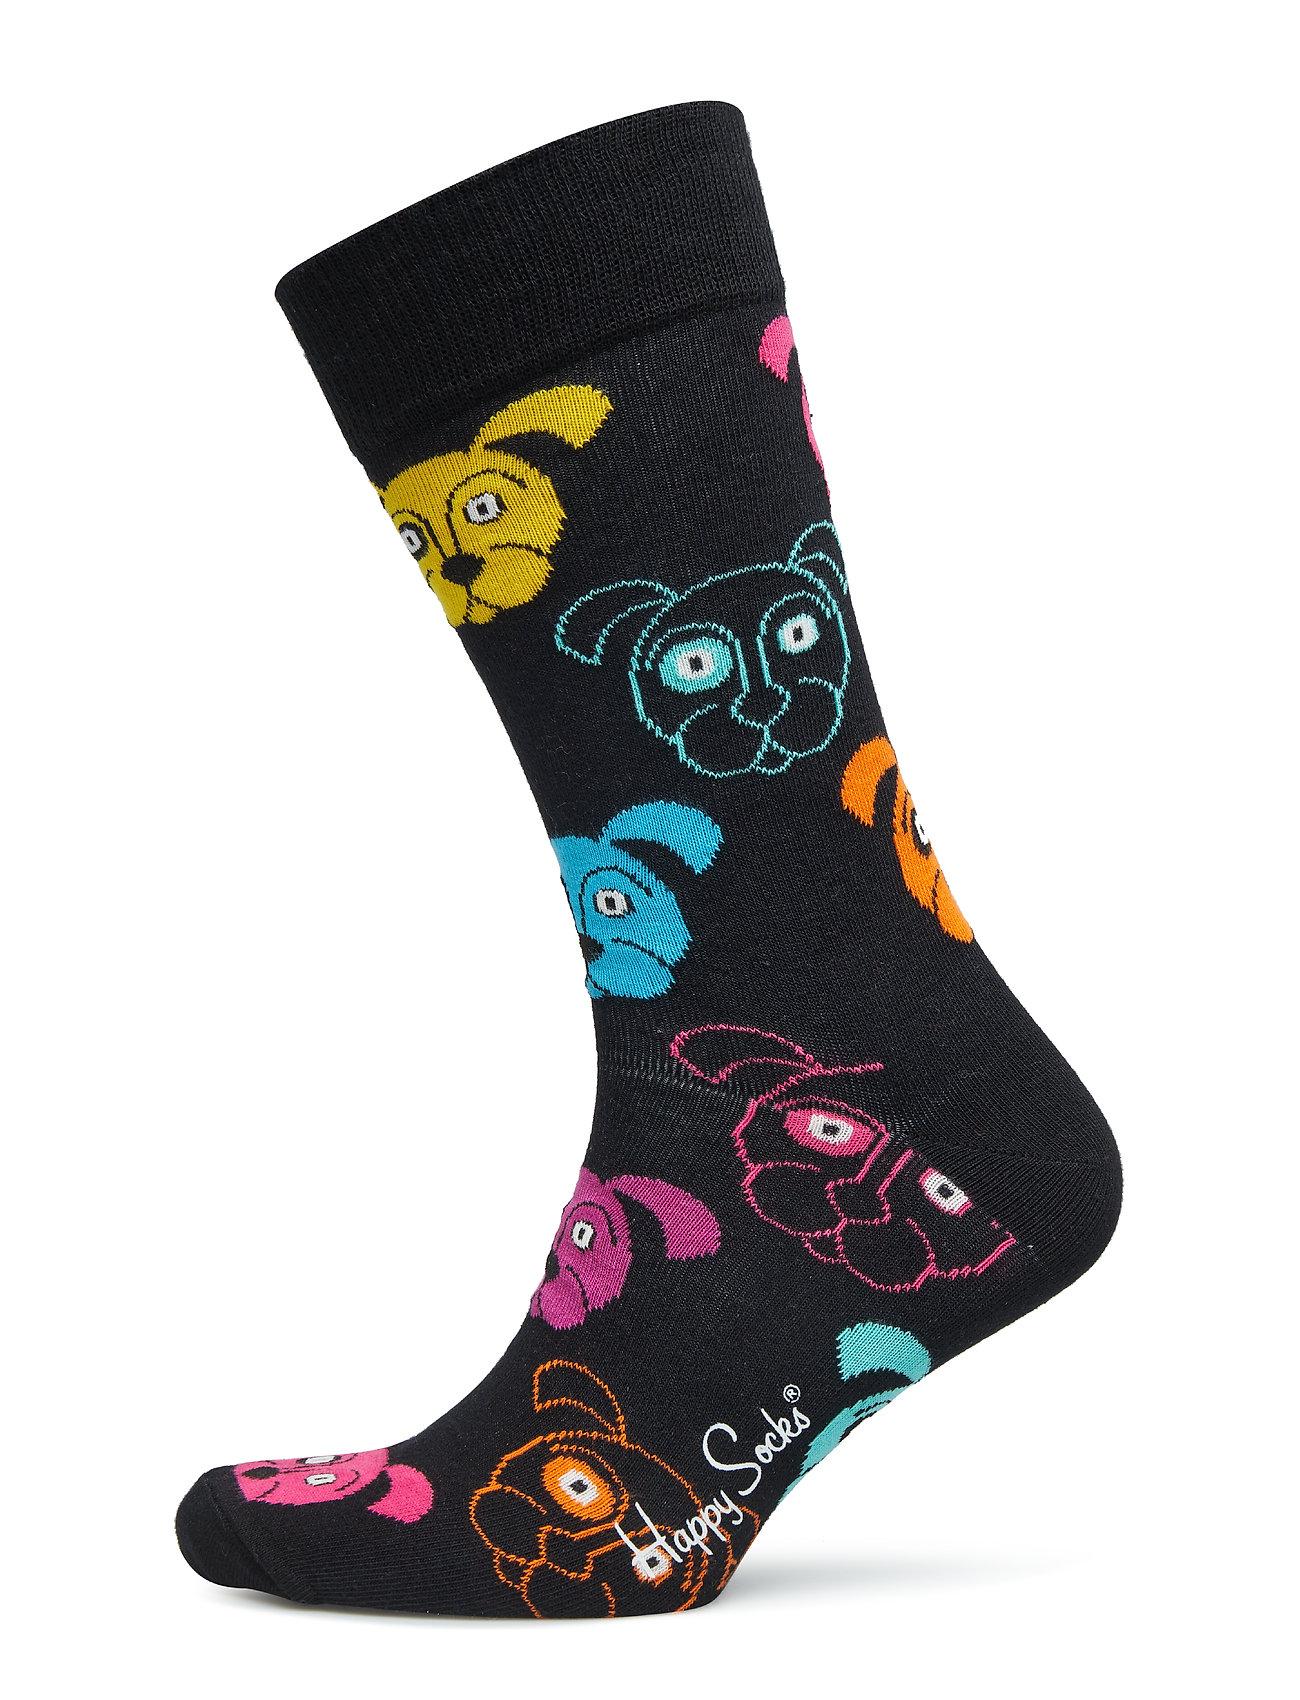 SockblackHappy SockblackHappy SockblackHappy Dog Socks Dog Dog Socks uPkXZi